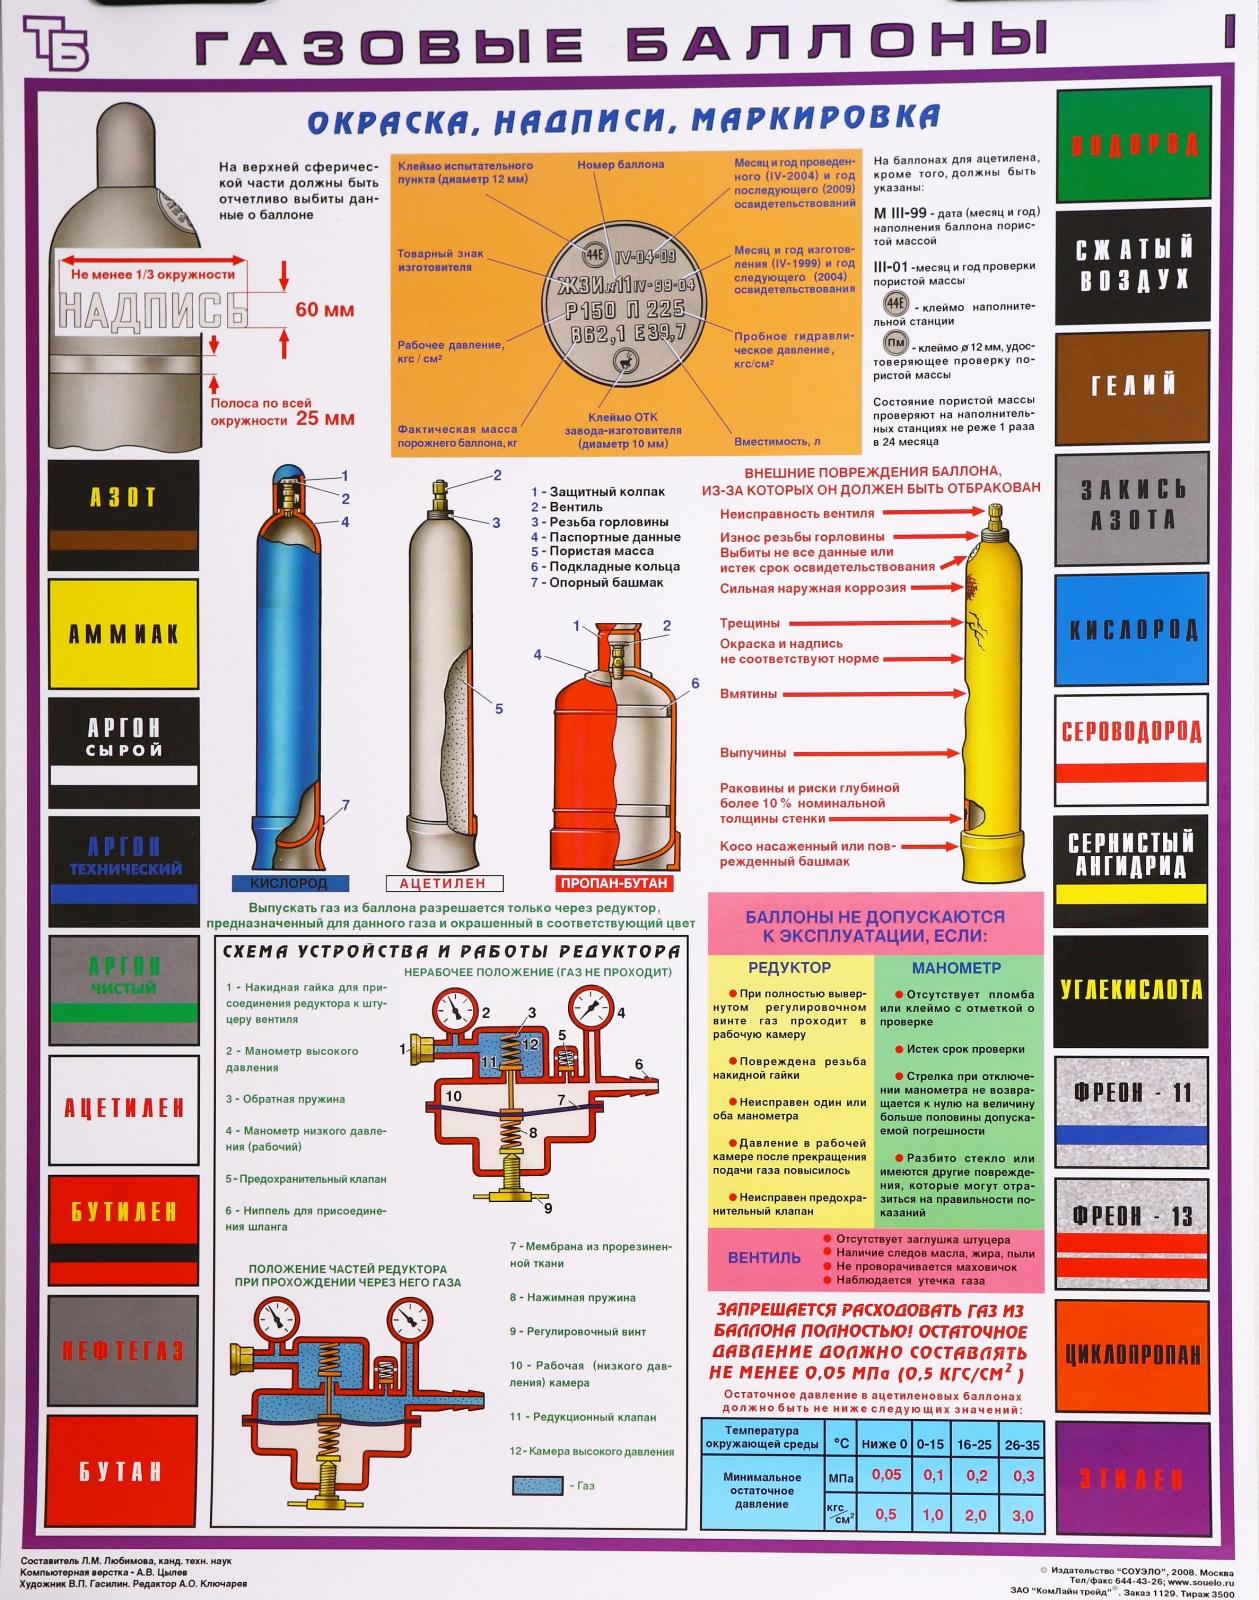 Производство кислородных баллонов и их маркировка